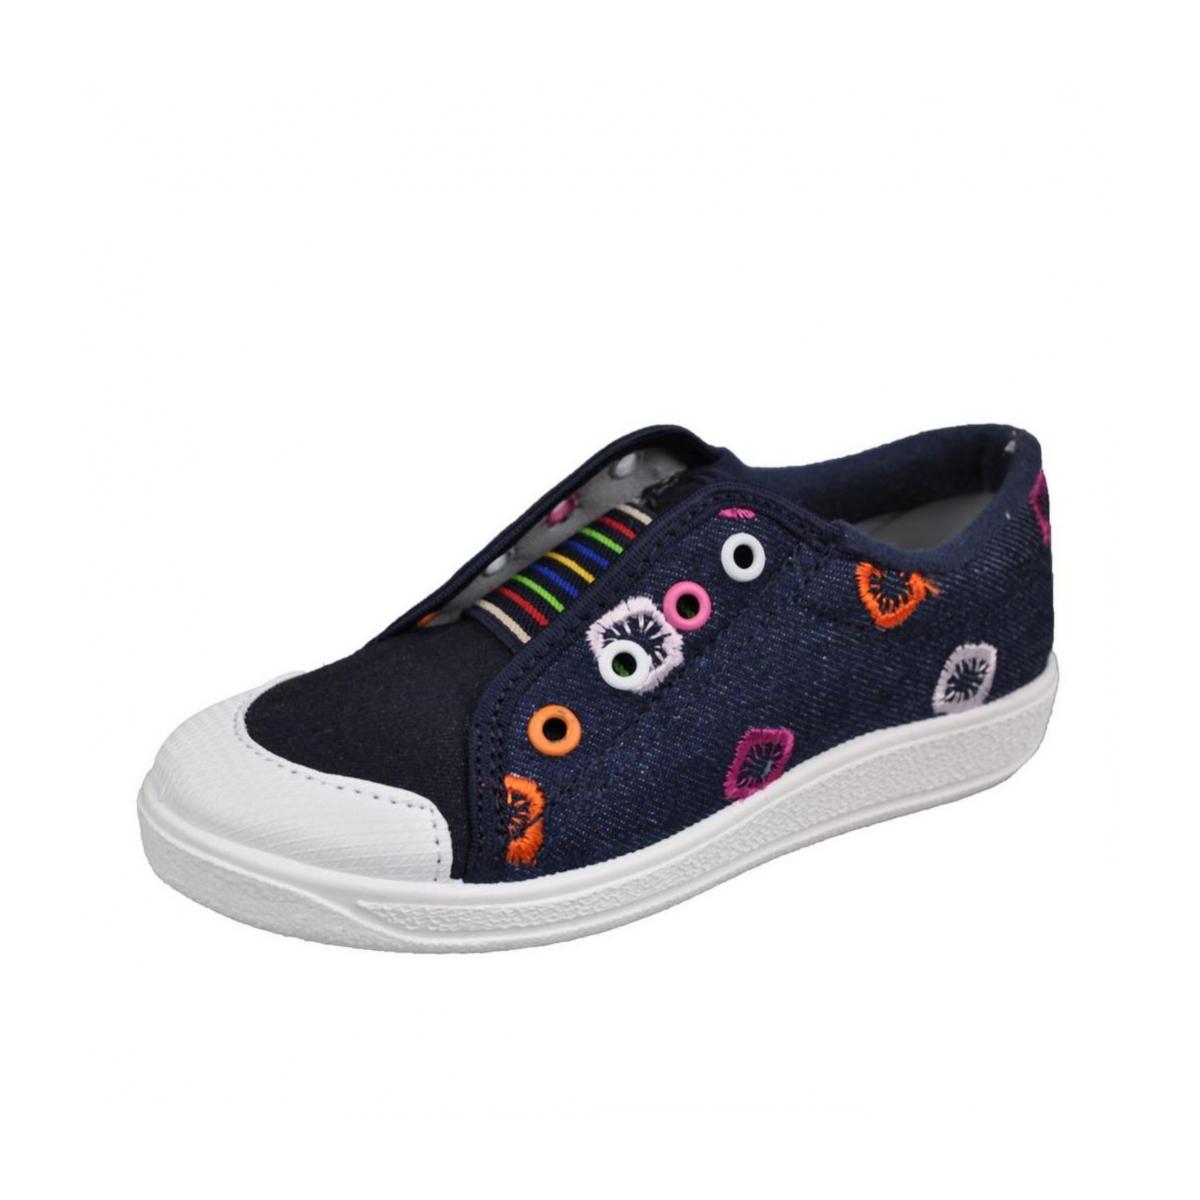 d279ccc244644 Detské tmavomodré topánky MANO | Johnc.sk